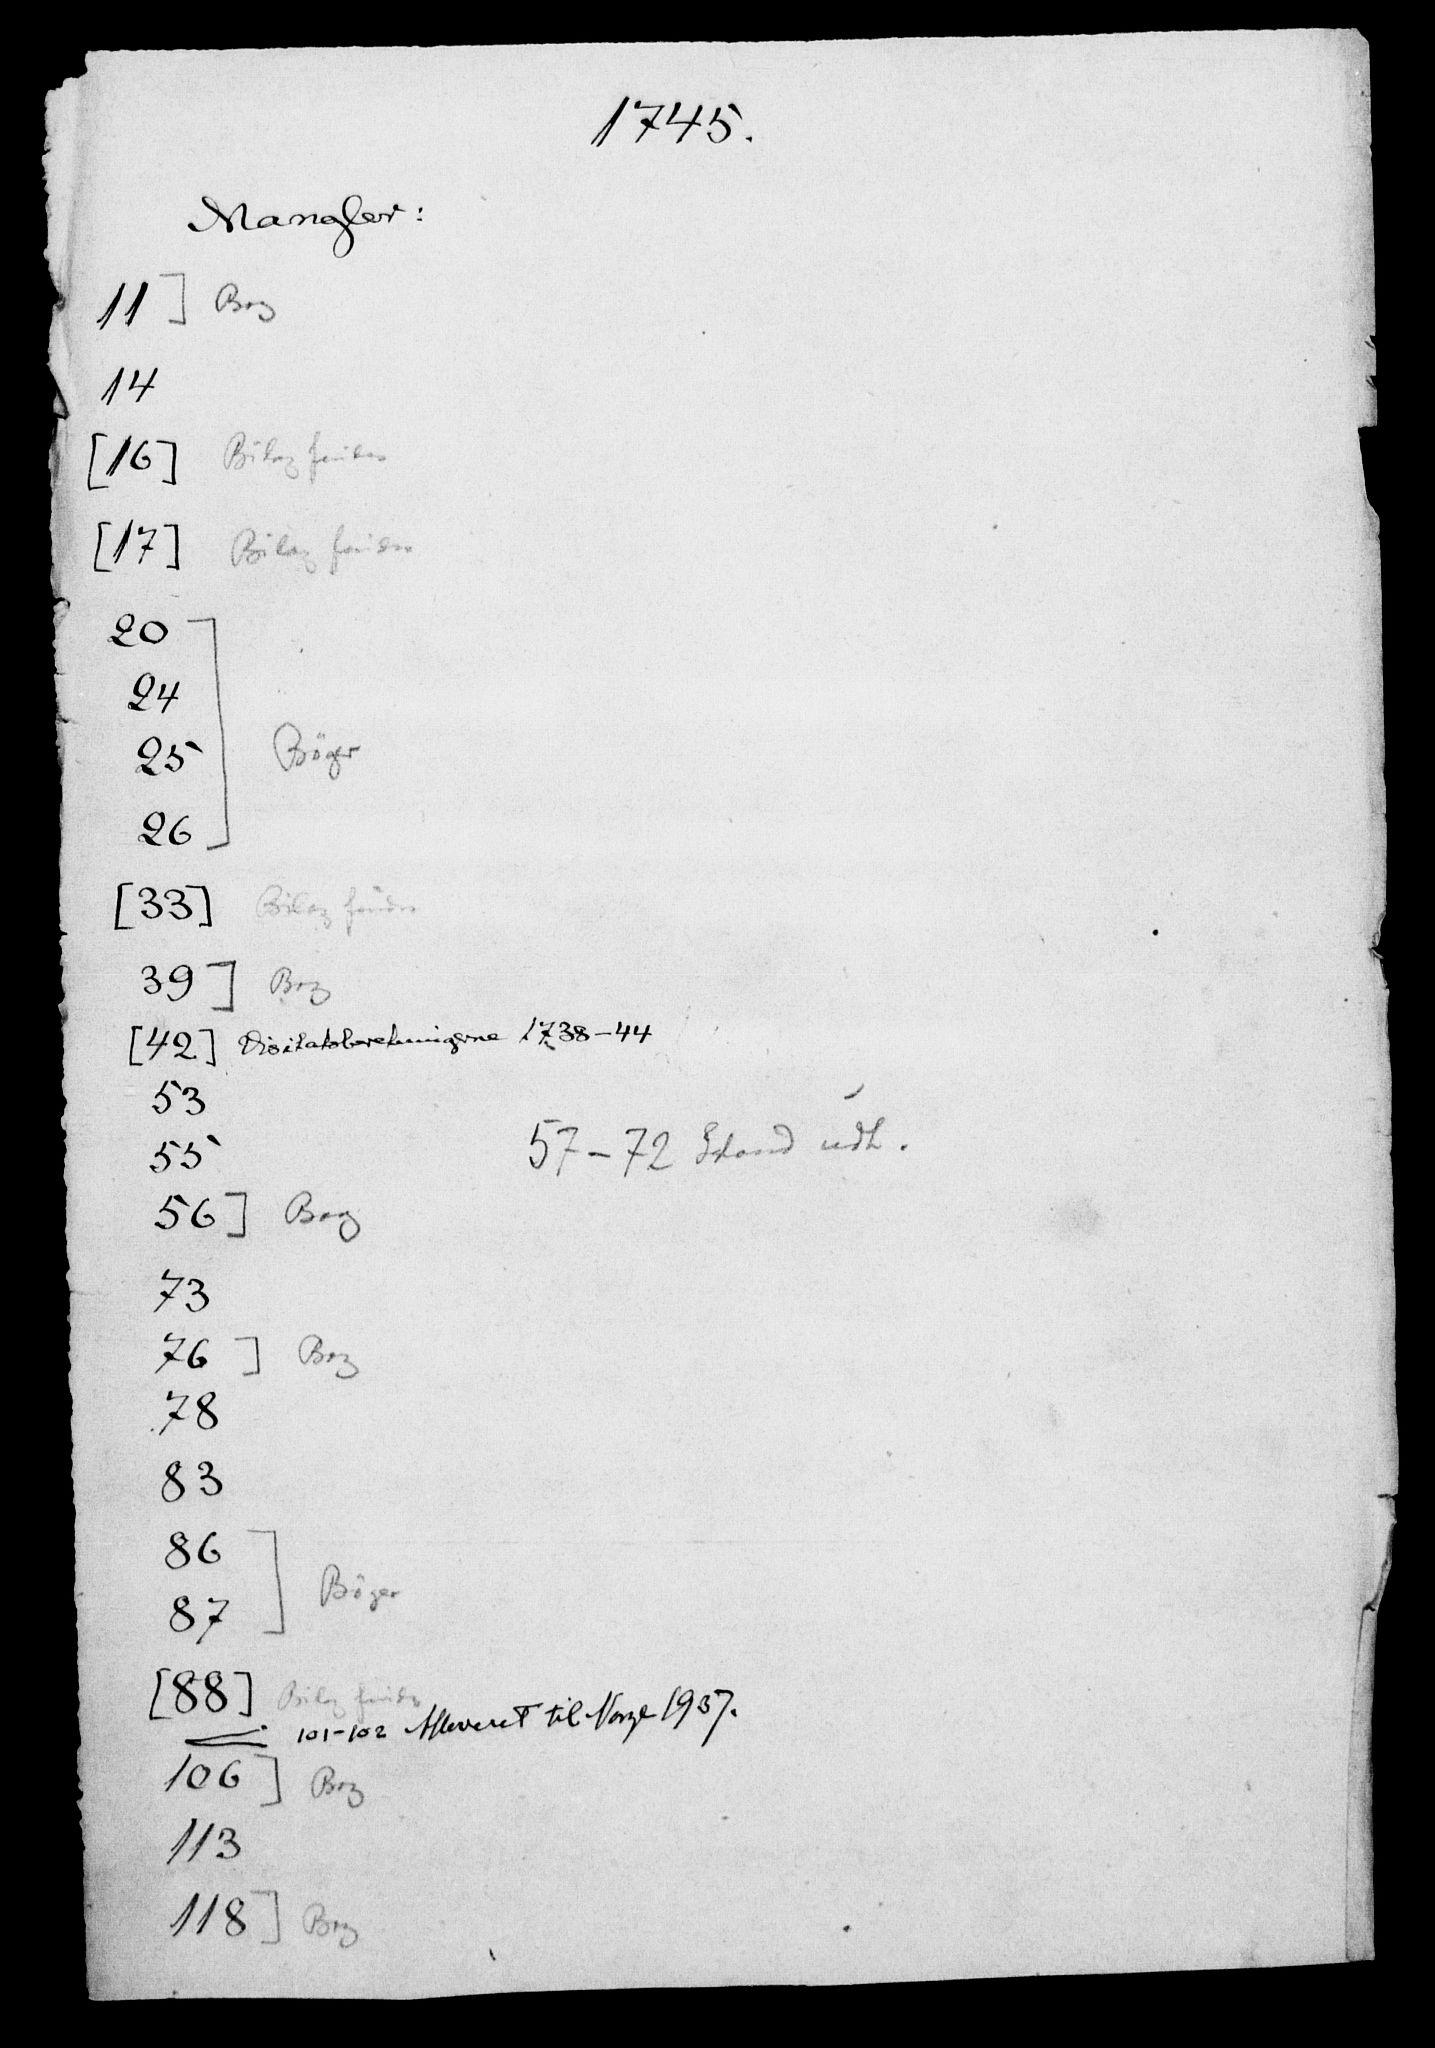 DRA, Generalkirkeinspektionskollegiet, F4-06/F4-06-14: Protokollerede indkomne sager, 1745